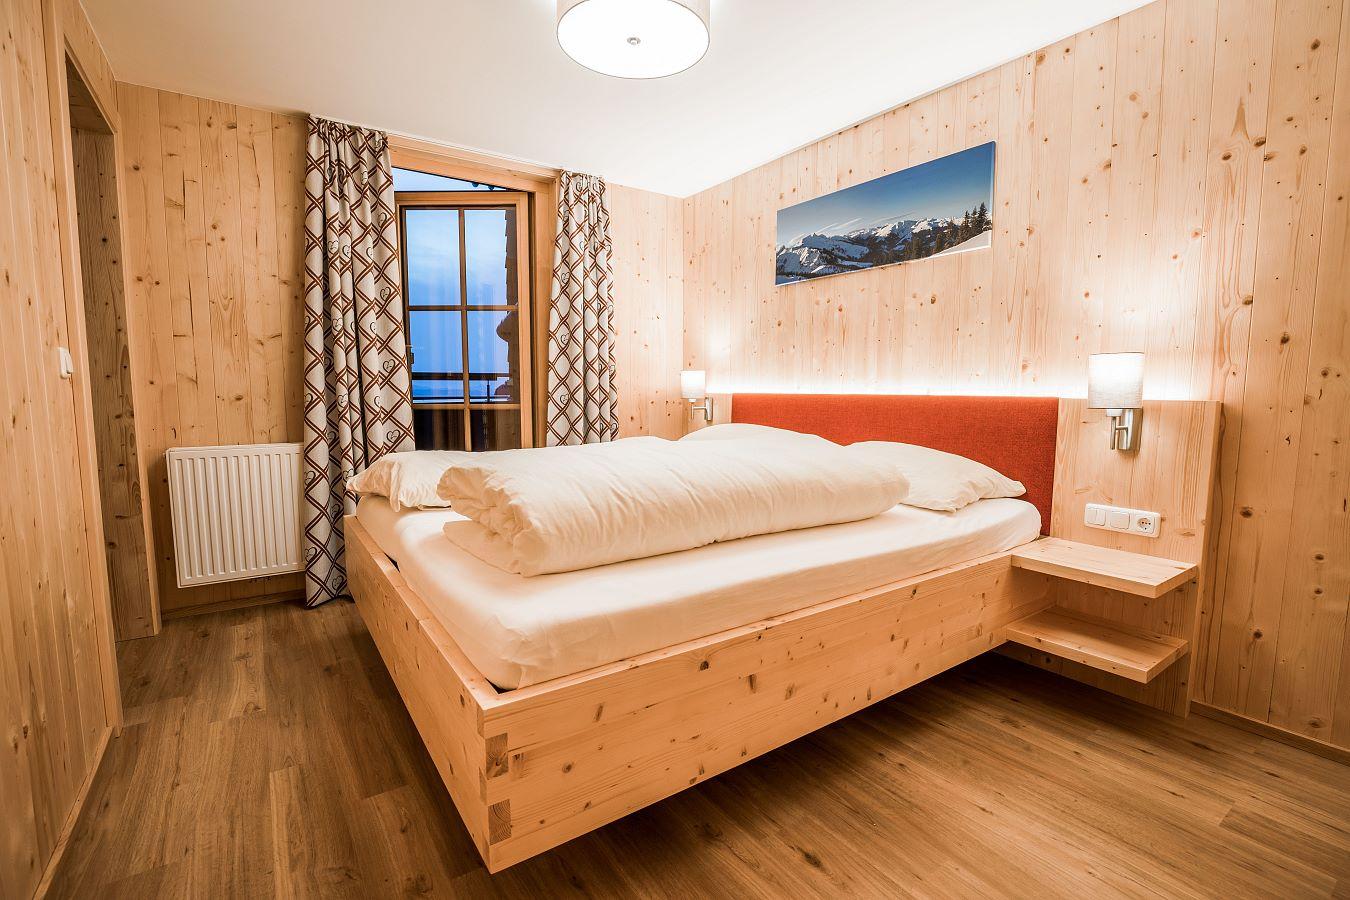 Euer Hotelzimmer